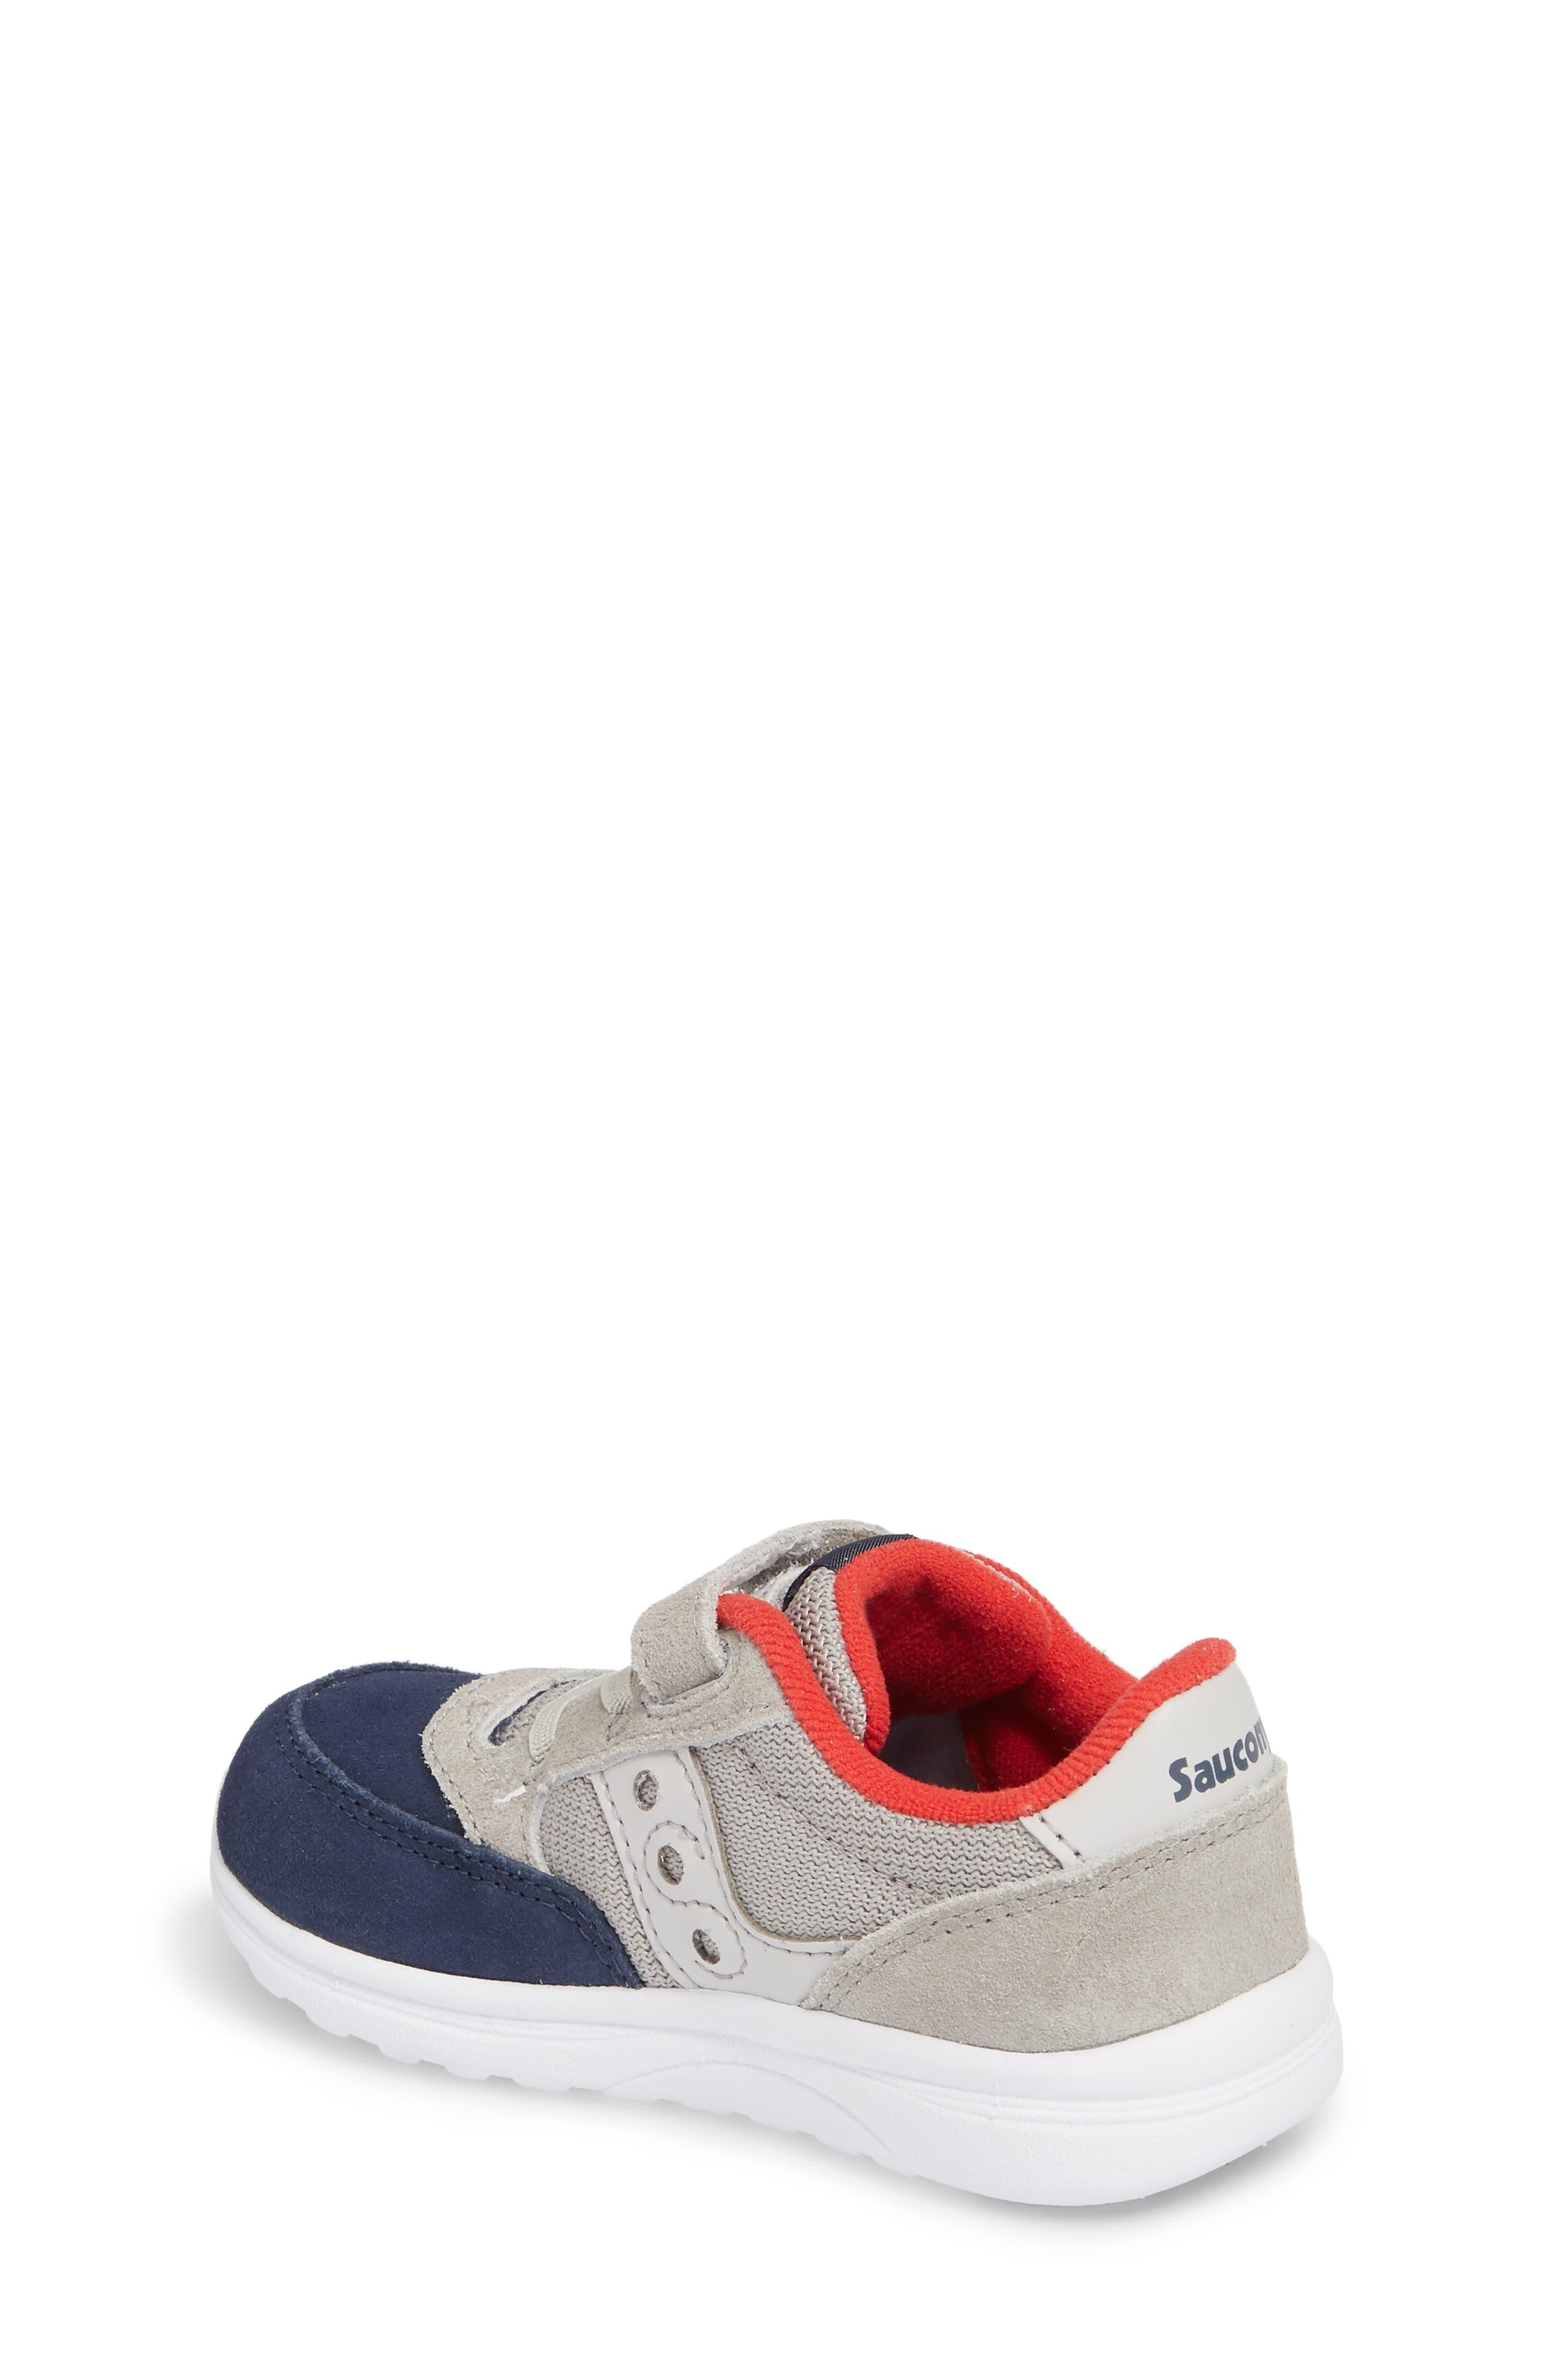 Jazz Lite Sneaker,                             Alternate thumbnail 2, color,                             020